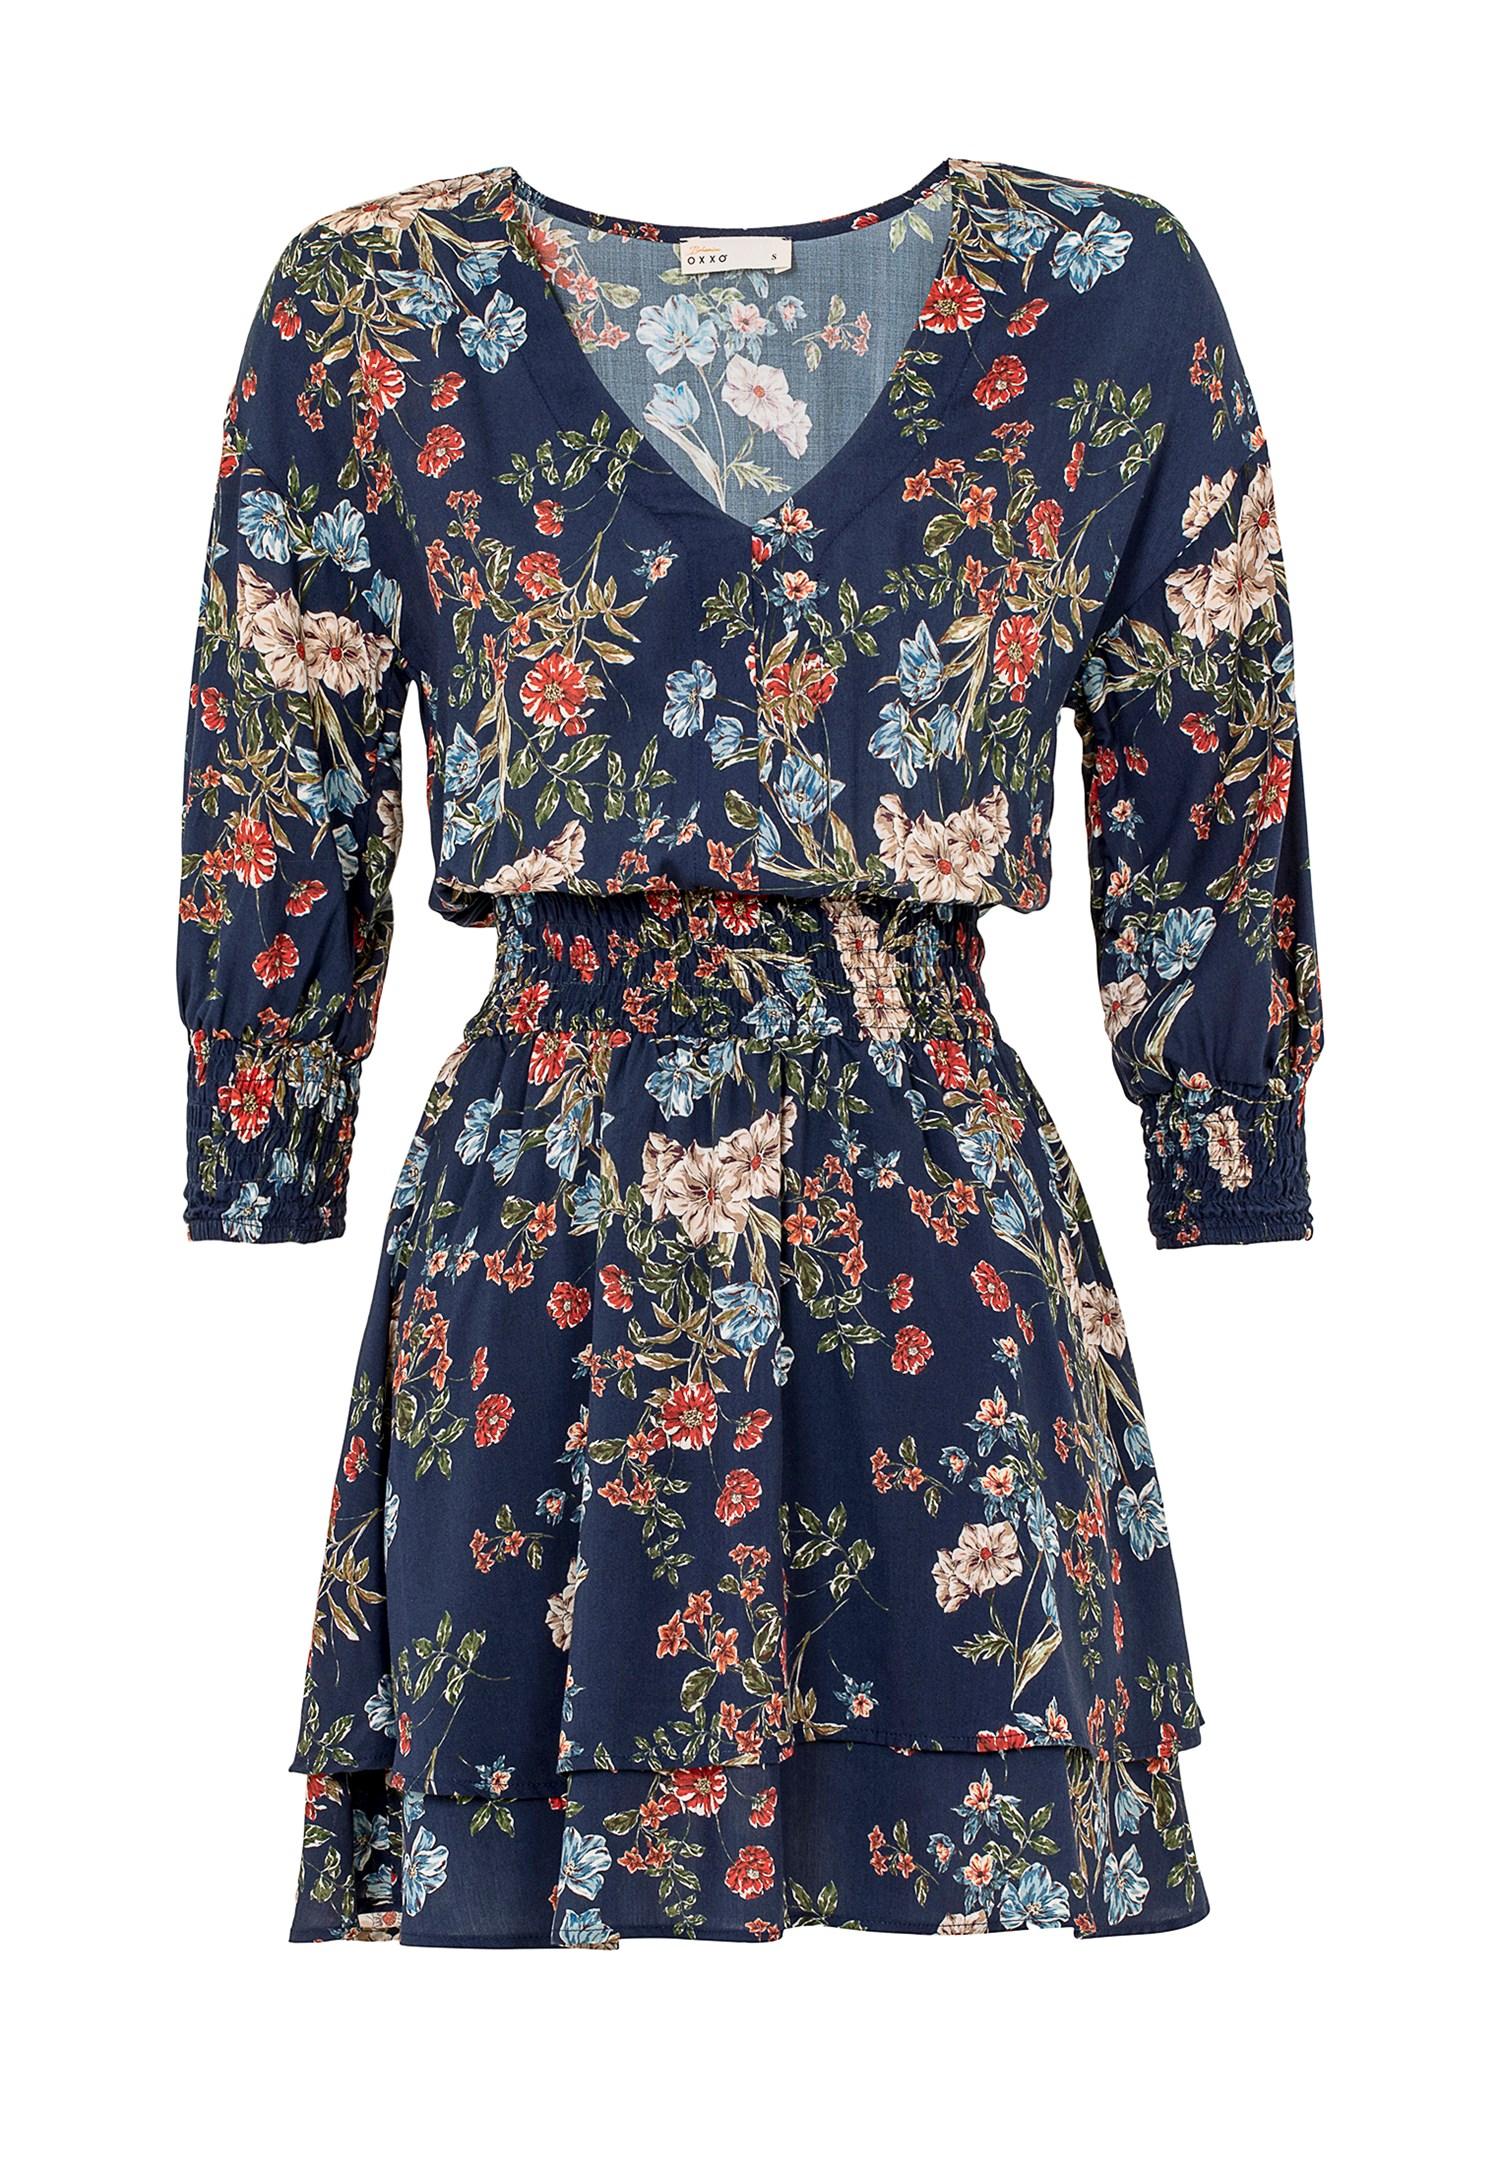 Bayan Çok Renkli Beli Büzgülü Kısa Elbise